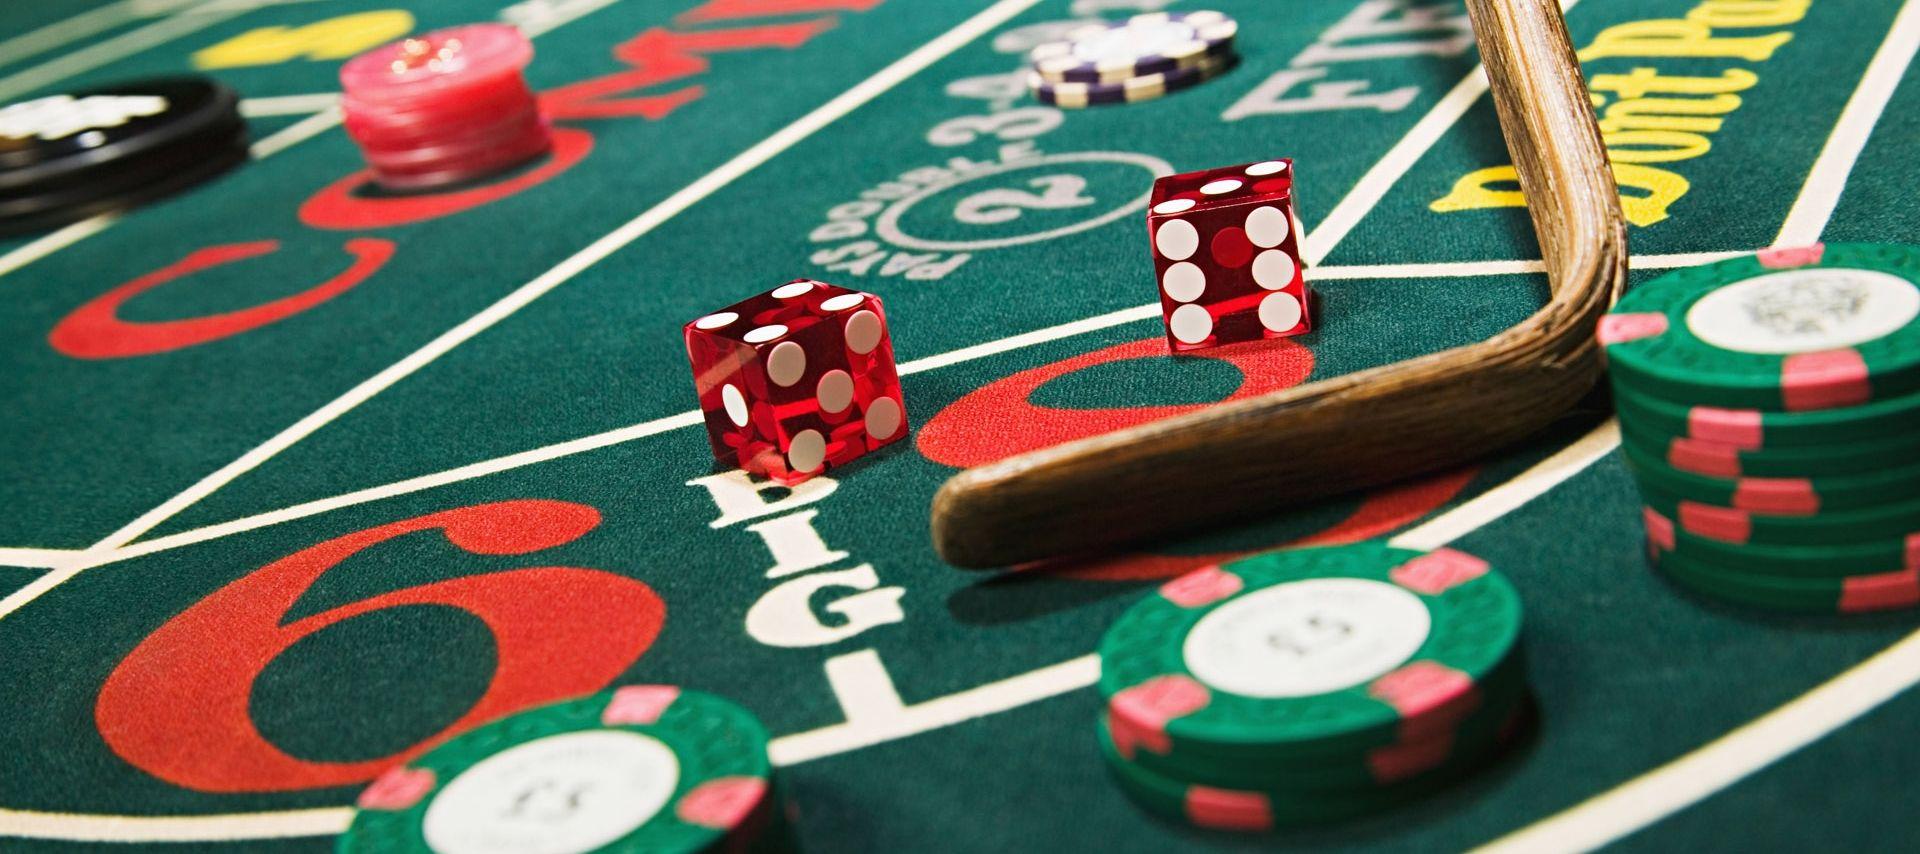 Опыт игры в интернет казино игровые автоматы скачать бесплатно луны